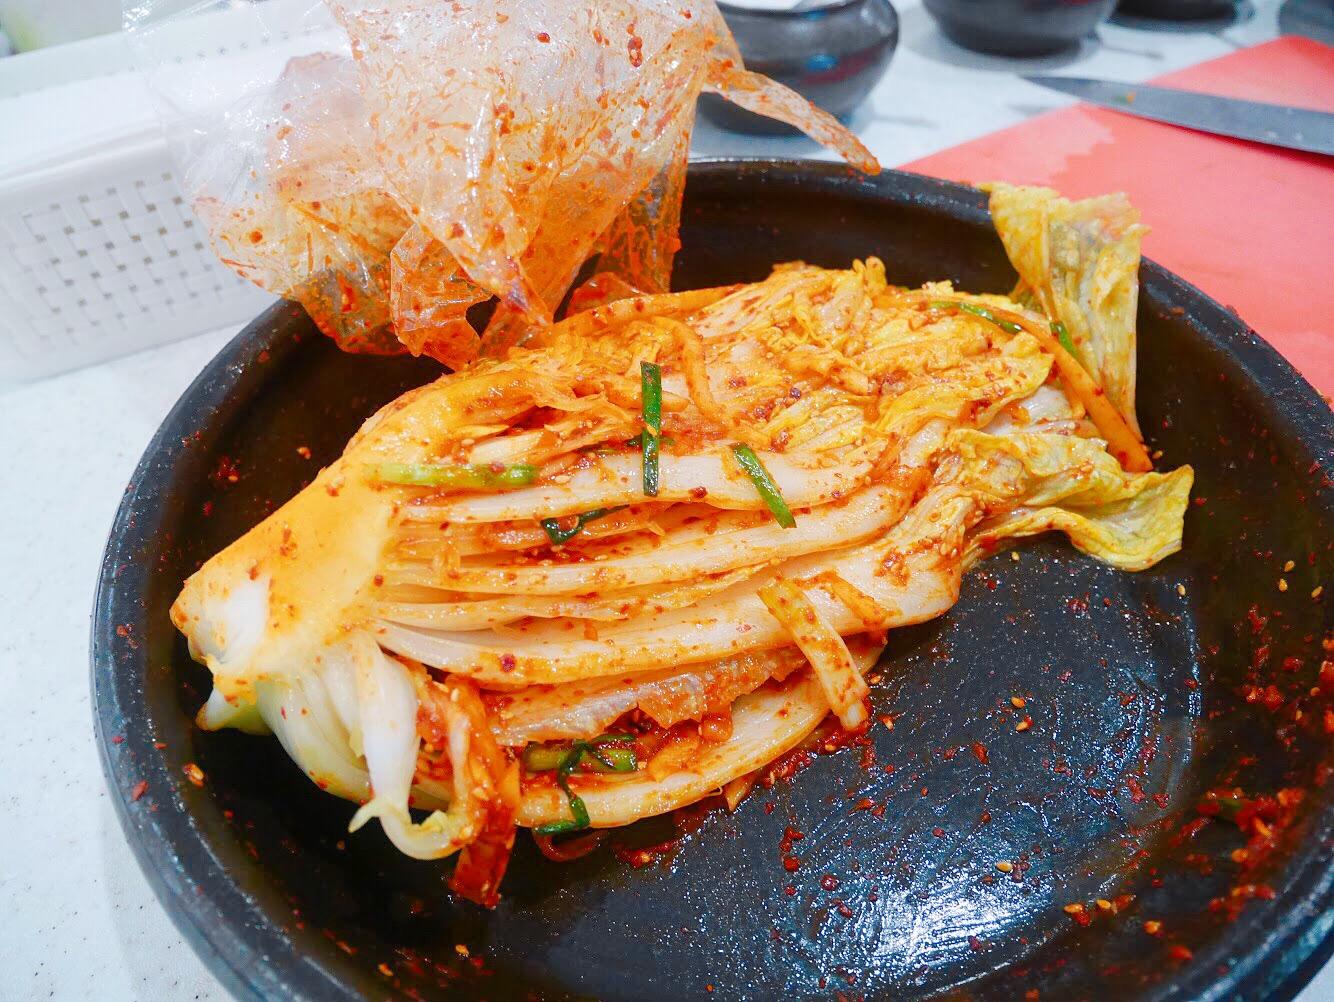 首爾明洞「韓國泡菜學院」手作泡菜初體驗,穿韓服做泡菜,學炒年糕 看看 KANKAN:旅遊・美食・生活